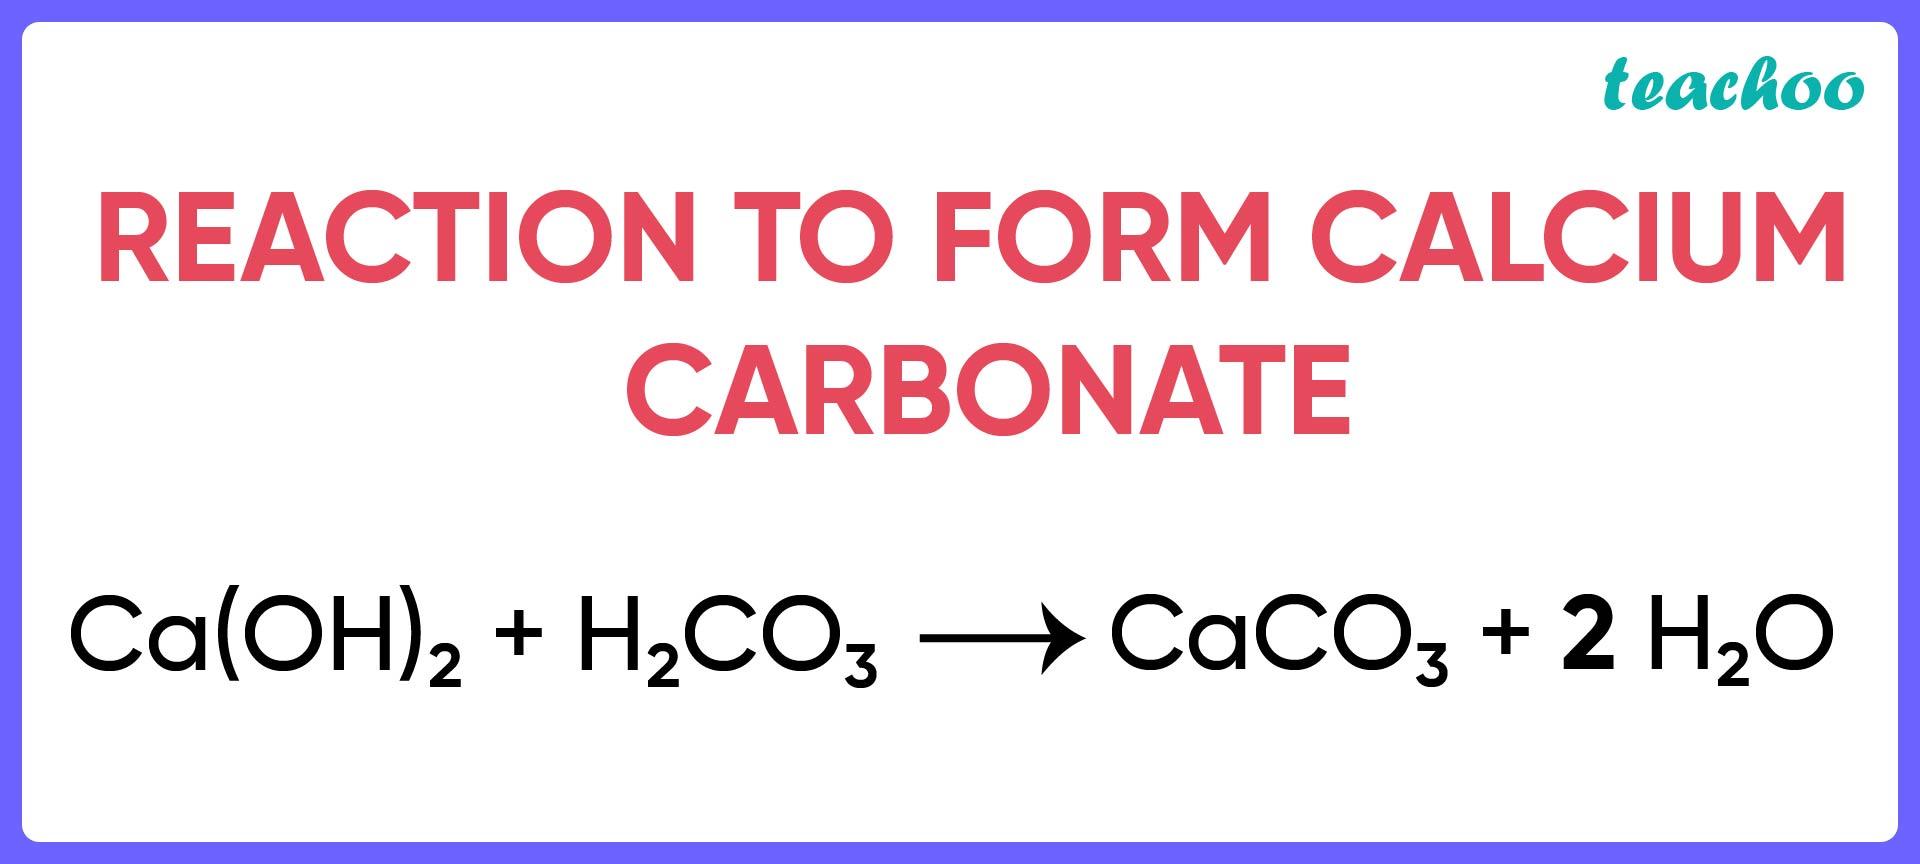 Reaction to form Calcium Carbonate - Teachoo-01.jpg